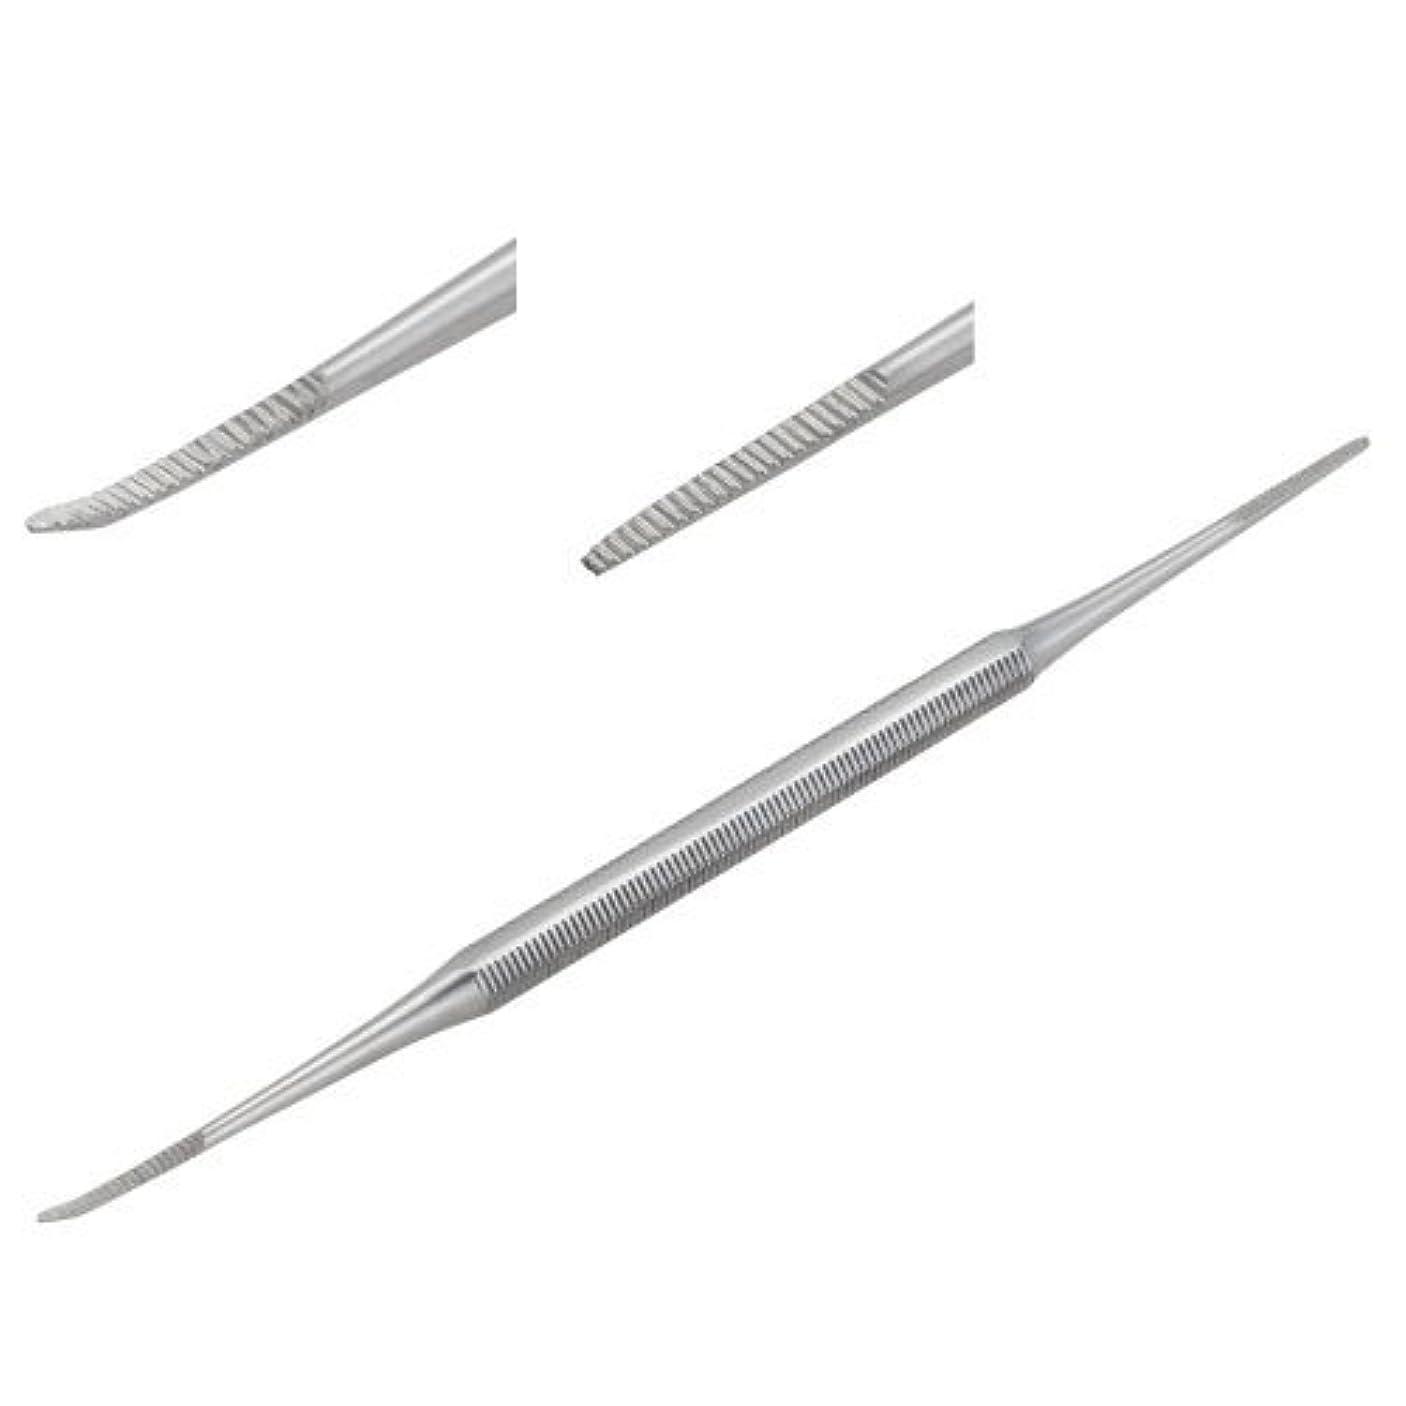 食べるためらうしなやかな巻き爪用ヤスリ HC-2015 サイズ:W5×L150×H5mm